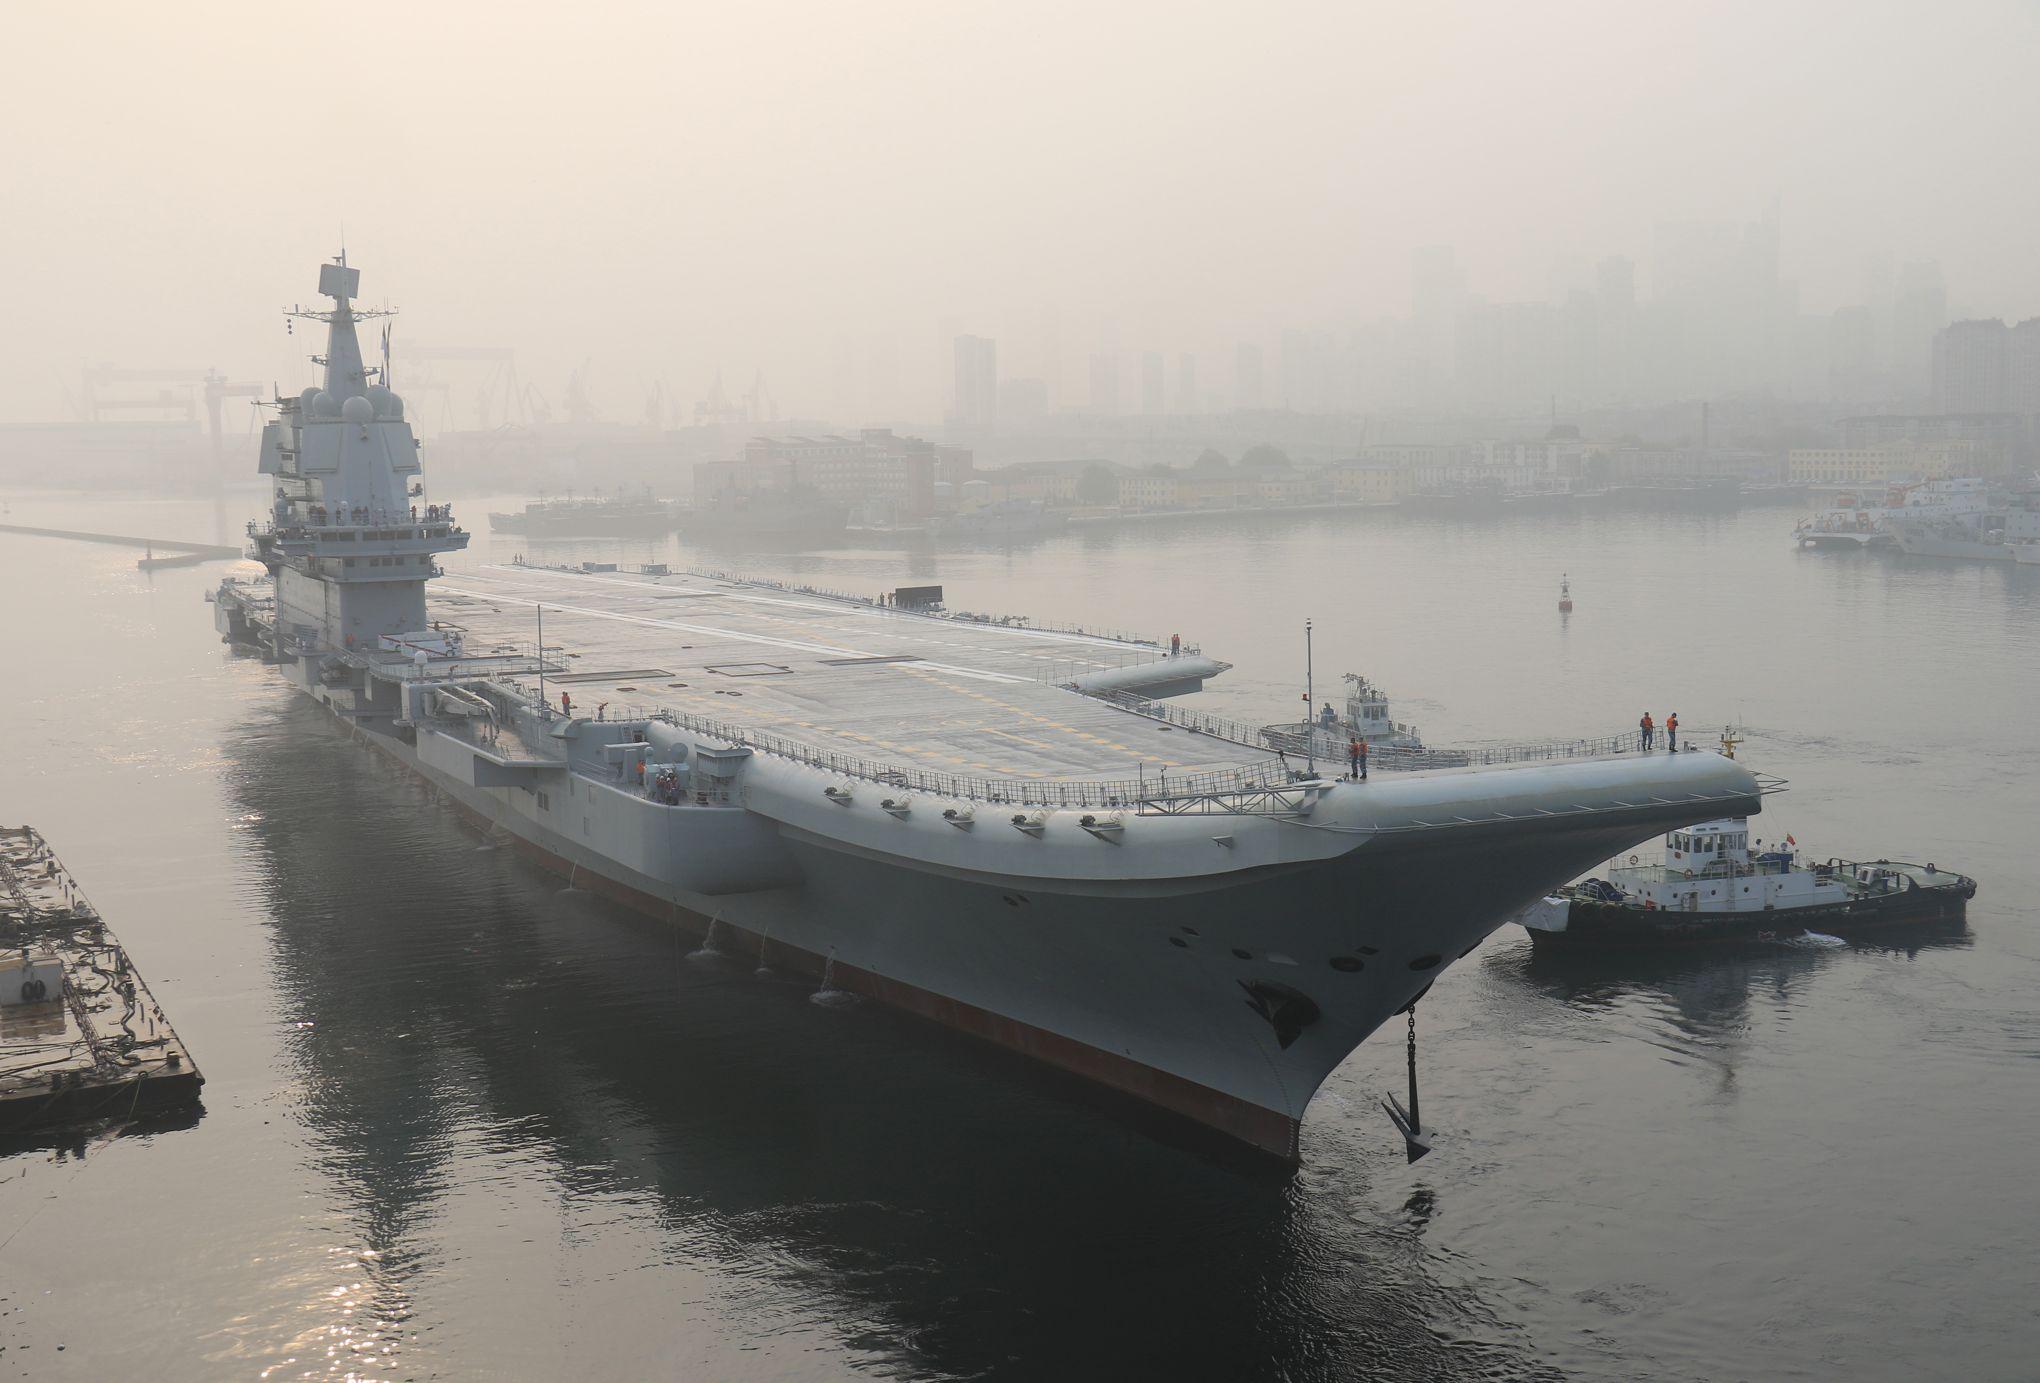 Le Premier Porte Avions 100 Chinois Démarre Ses Essais En Mer